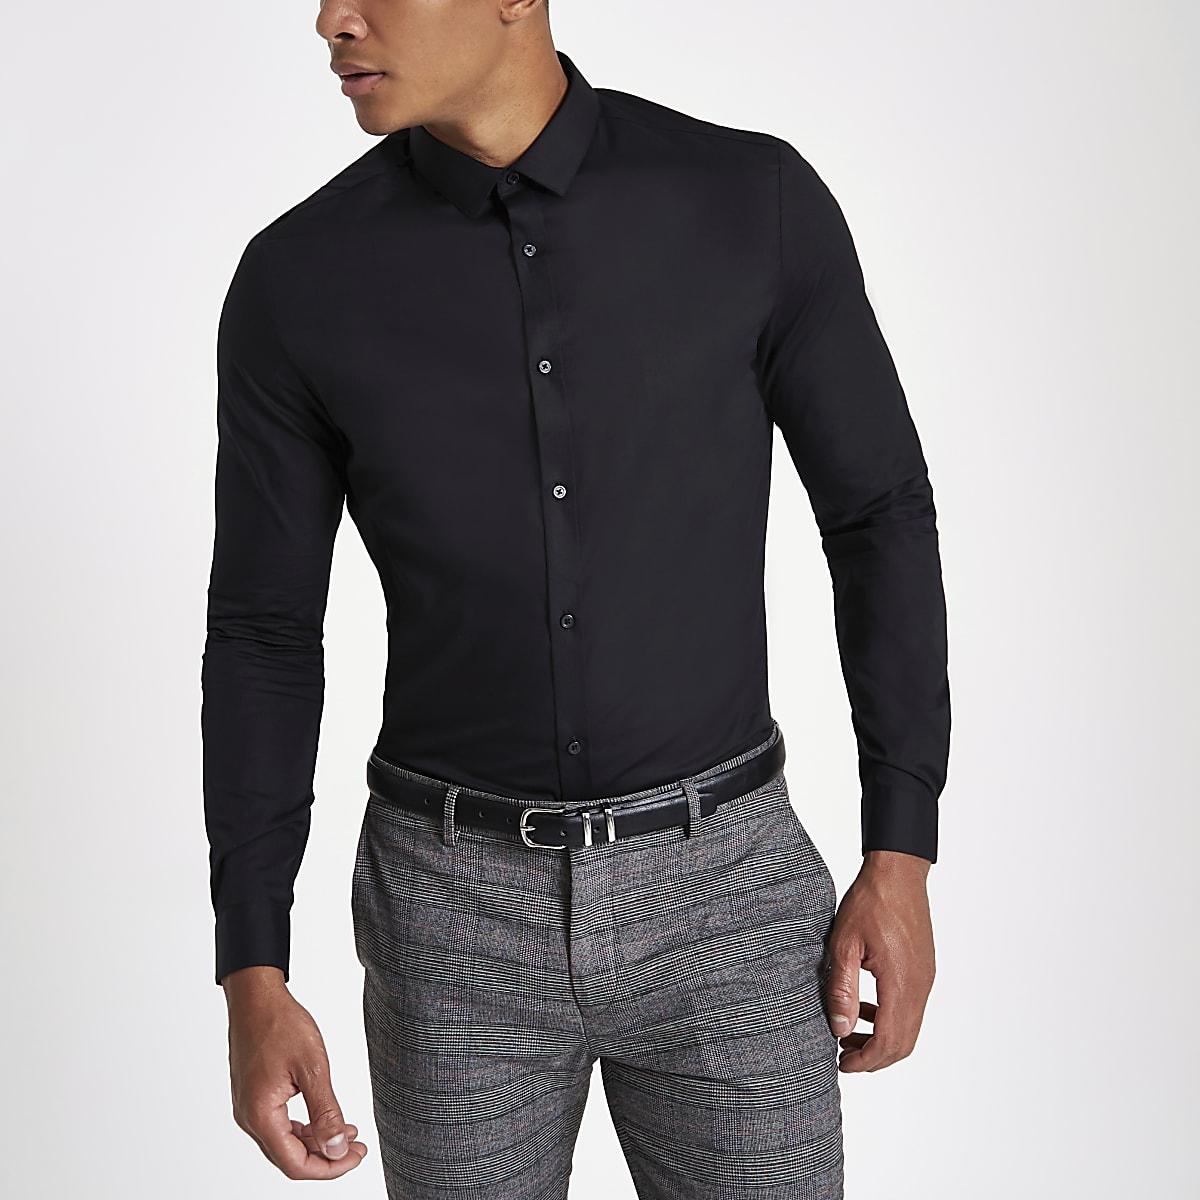 Overhemd Zwart Slim Fit.Zwart Slim Fit Net Overhemd Met Lange Mouwen Overhemden Met Lange